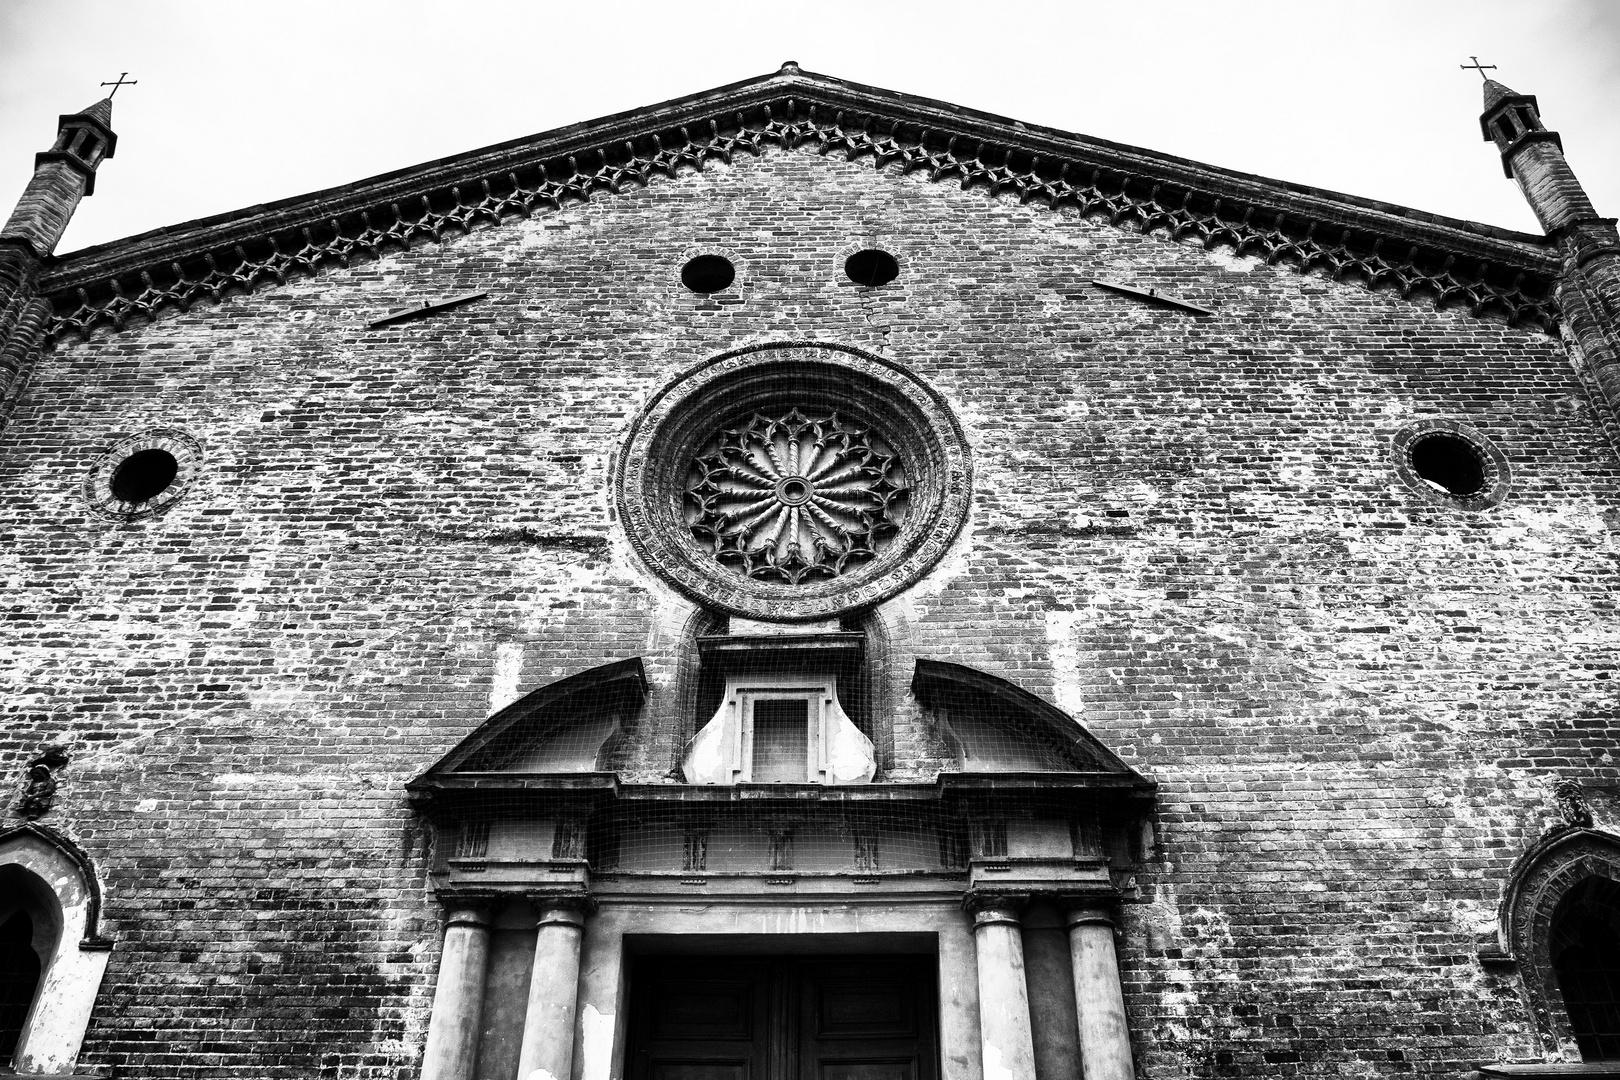 Chiesa San Bassiano in Pizzighettone